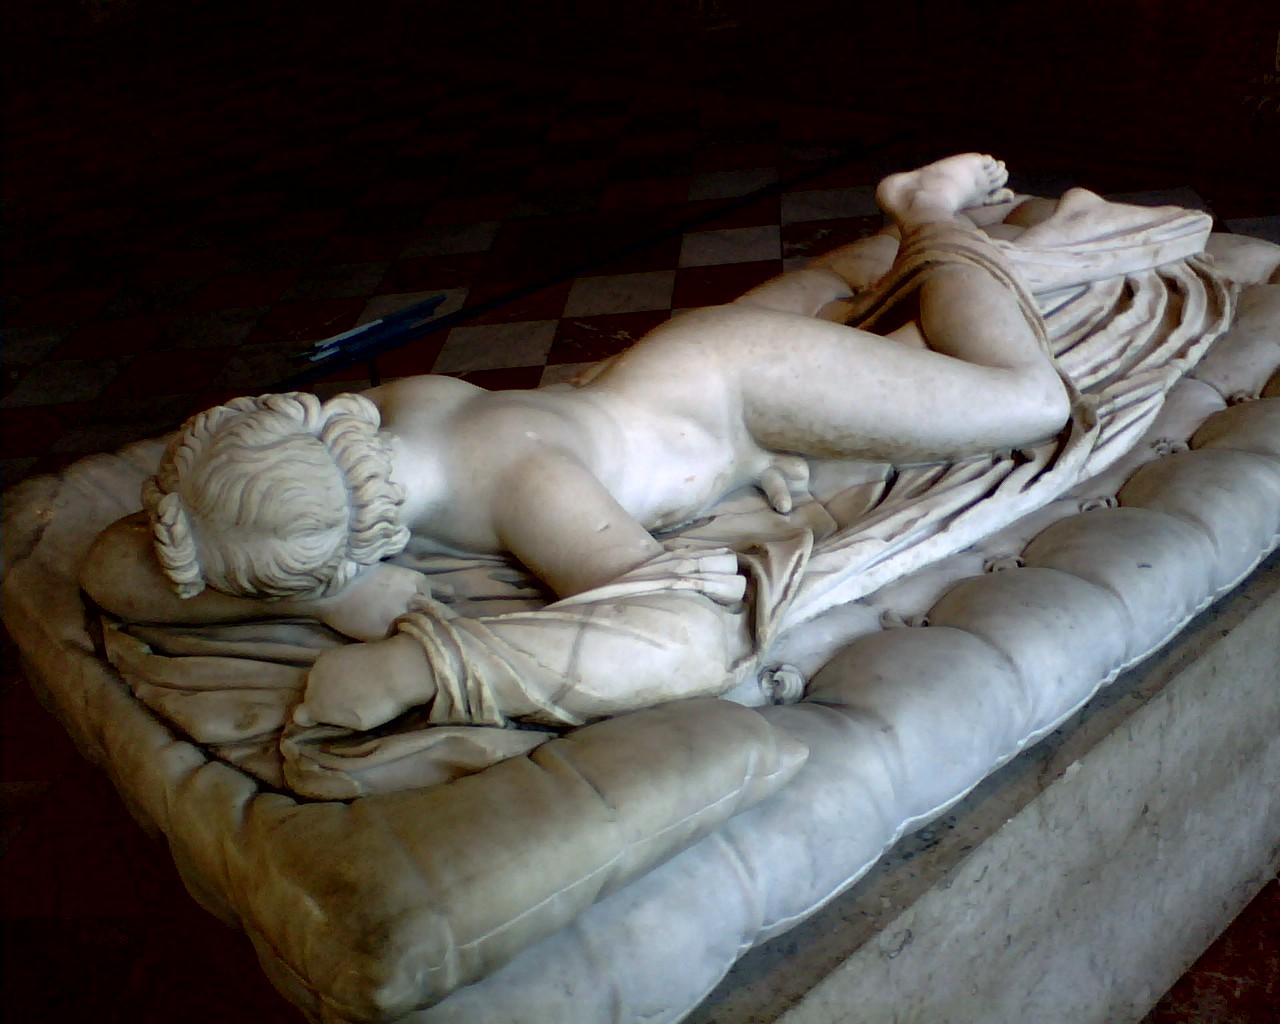 el hermafrodita. la legendaria escultura greco-romana del período clásico.